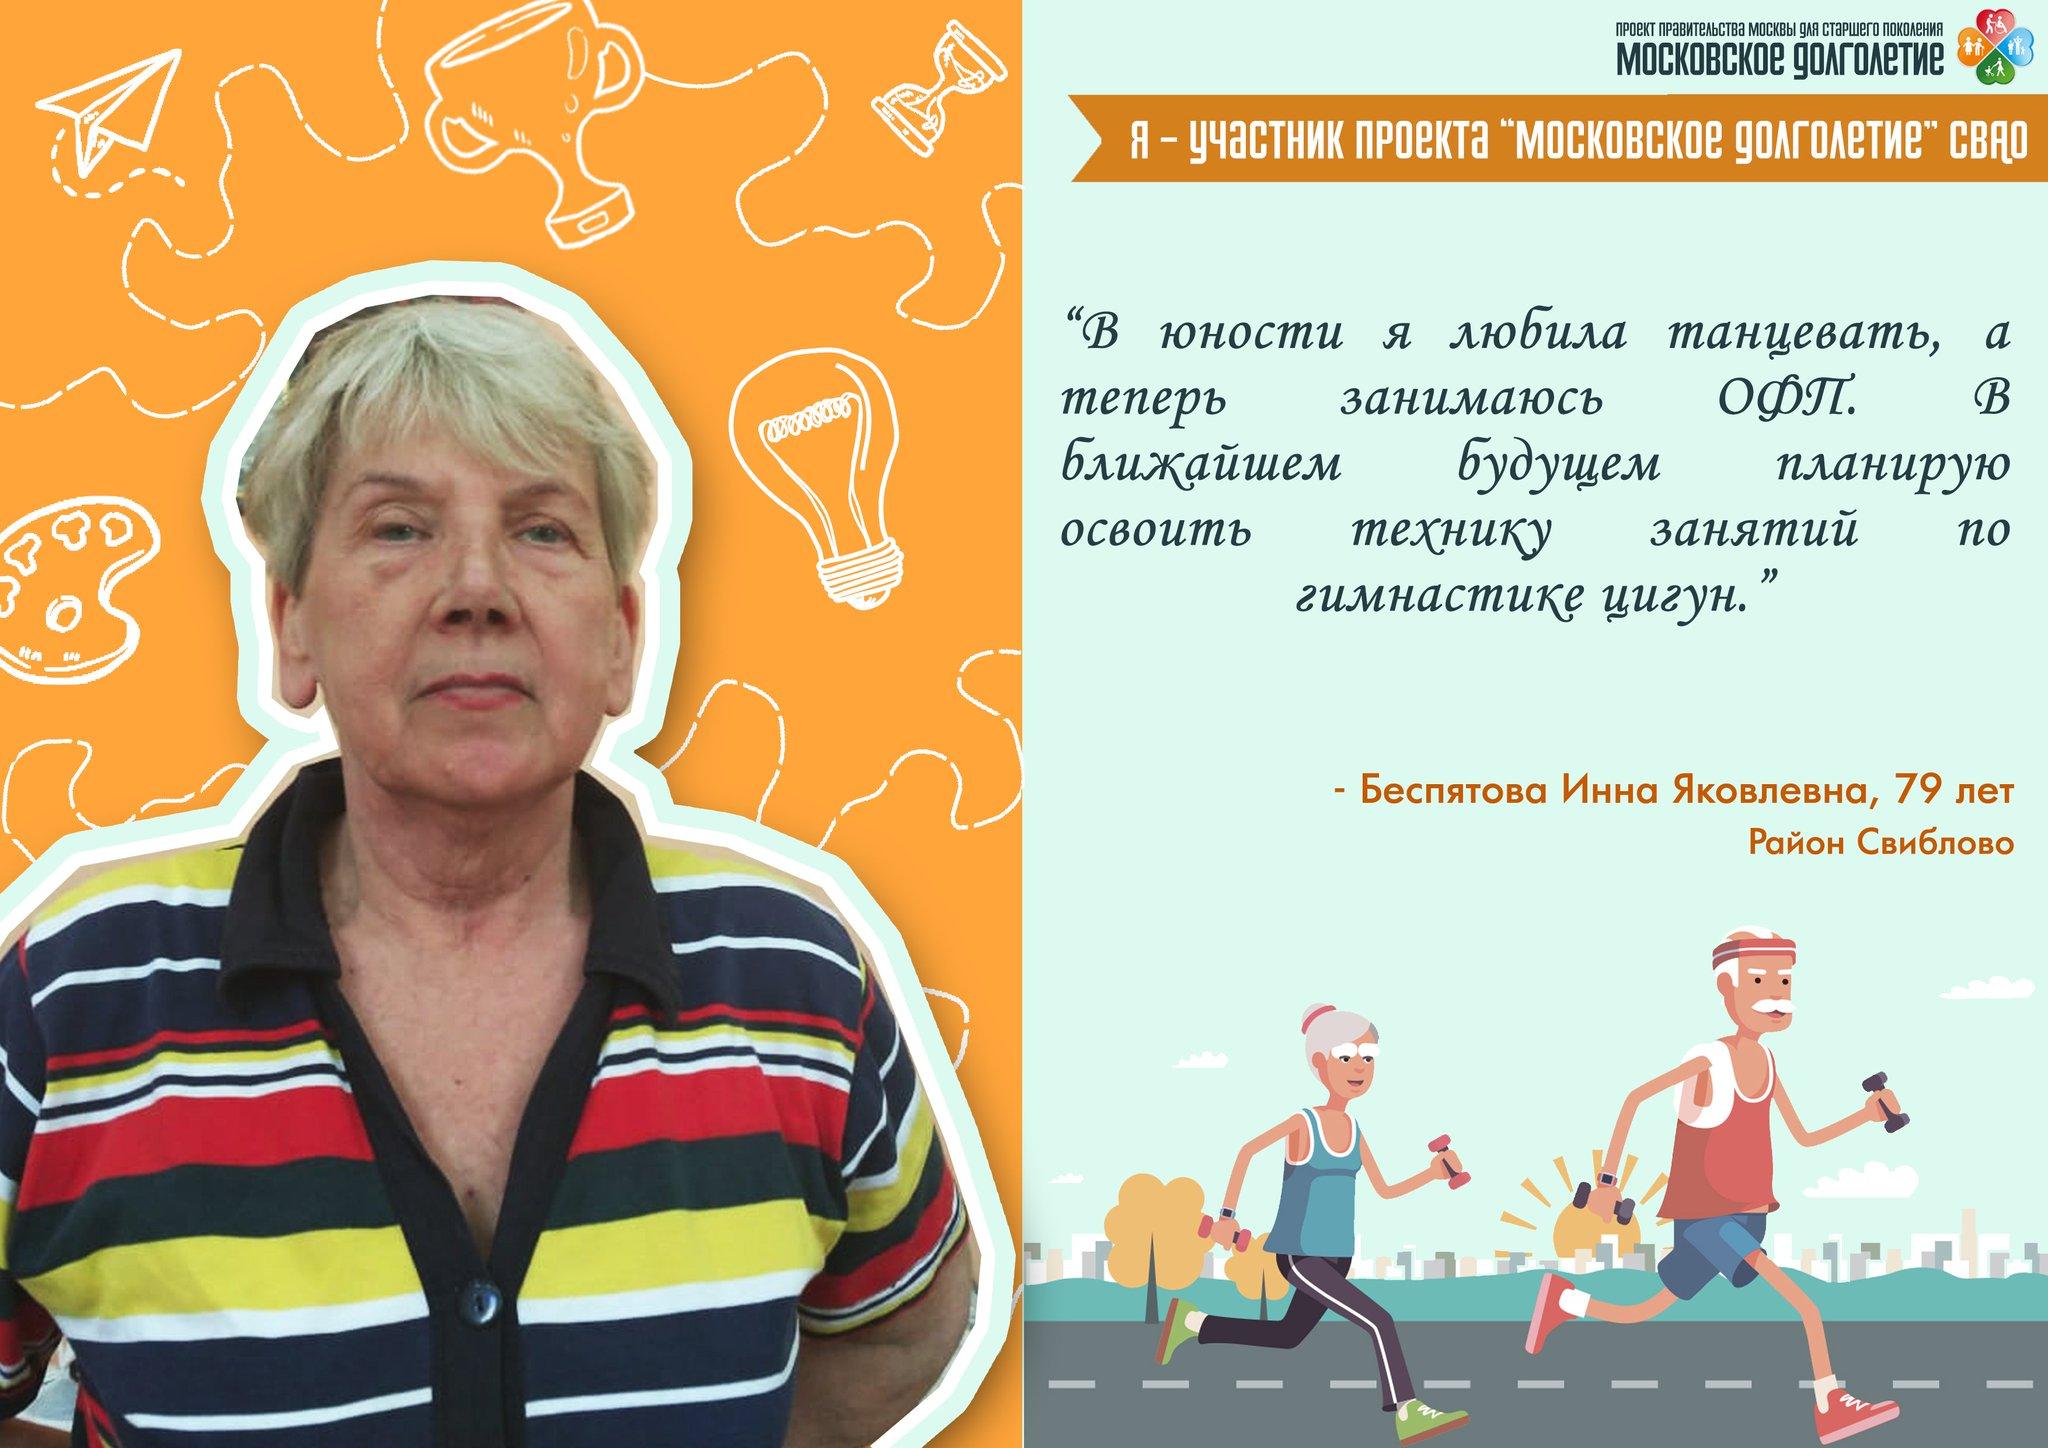 московское долголетие стихи является одной чемпионок